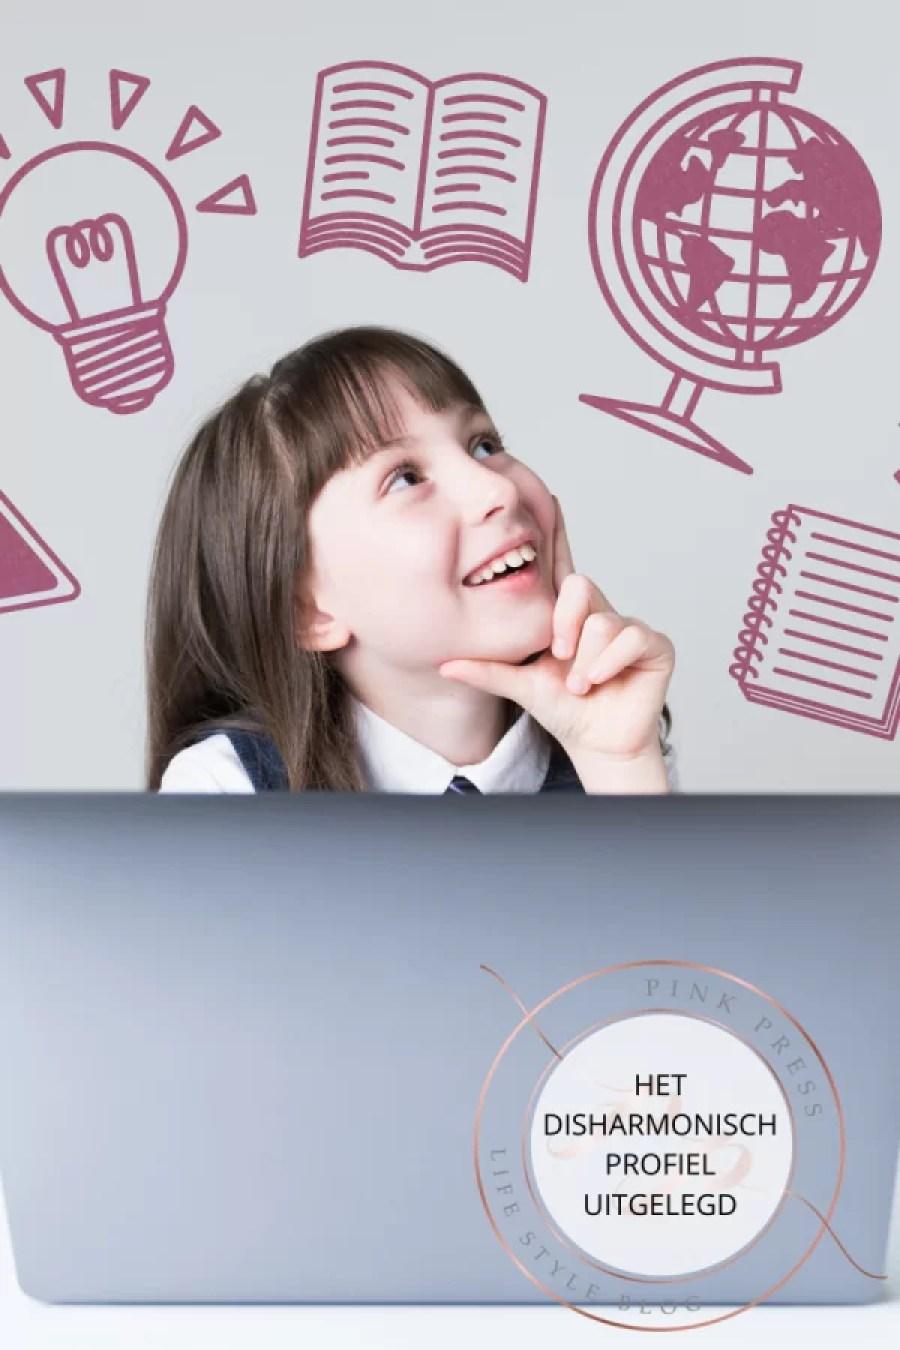 het disharmonisch profiel uitgelegd - IQ | Wat is een disharmonisch profiel bij kinderen| Wat kun of moet je er mee?